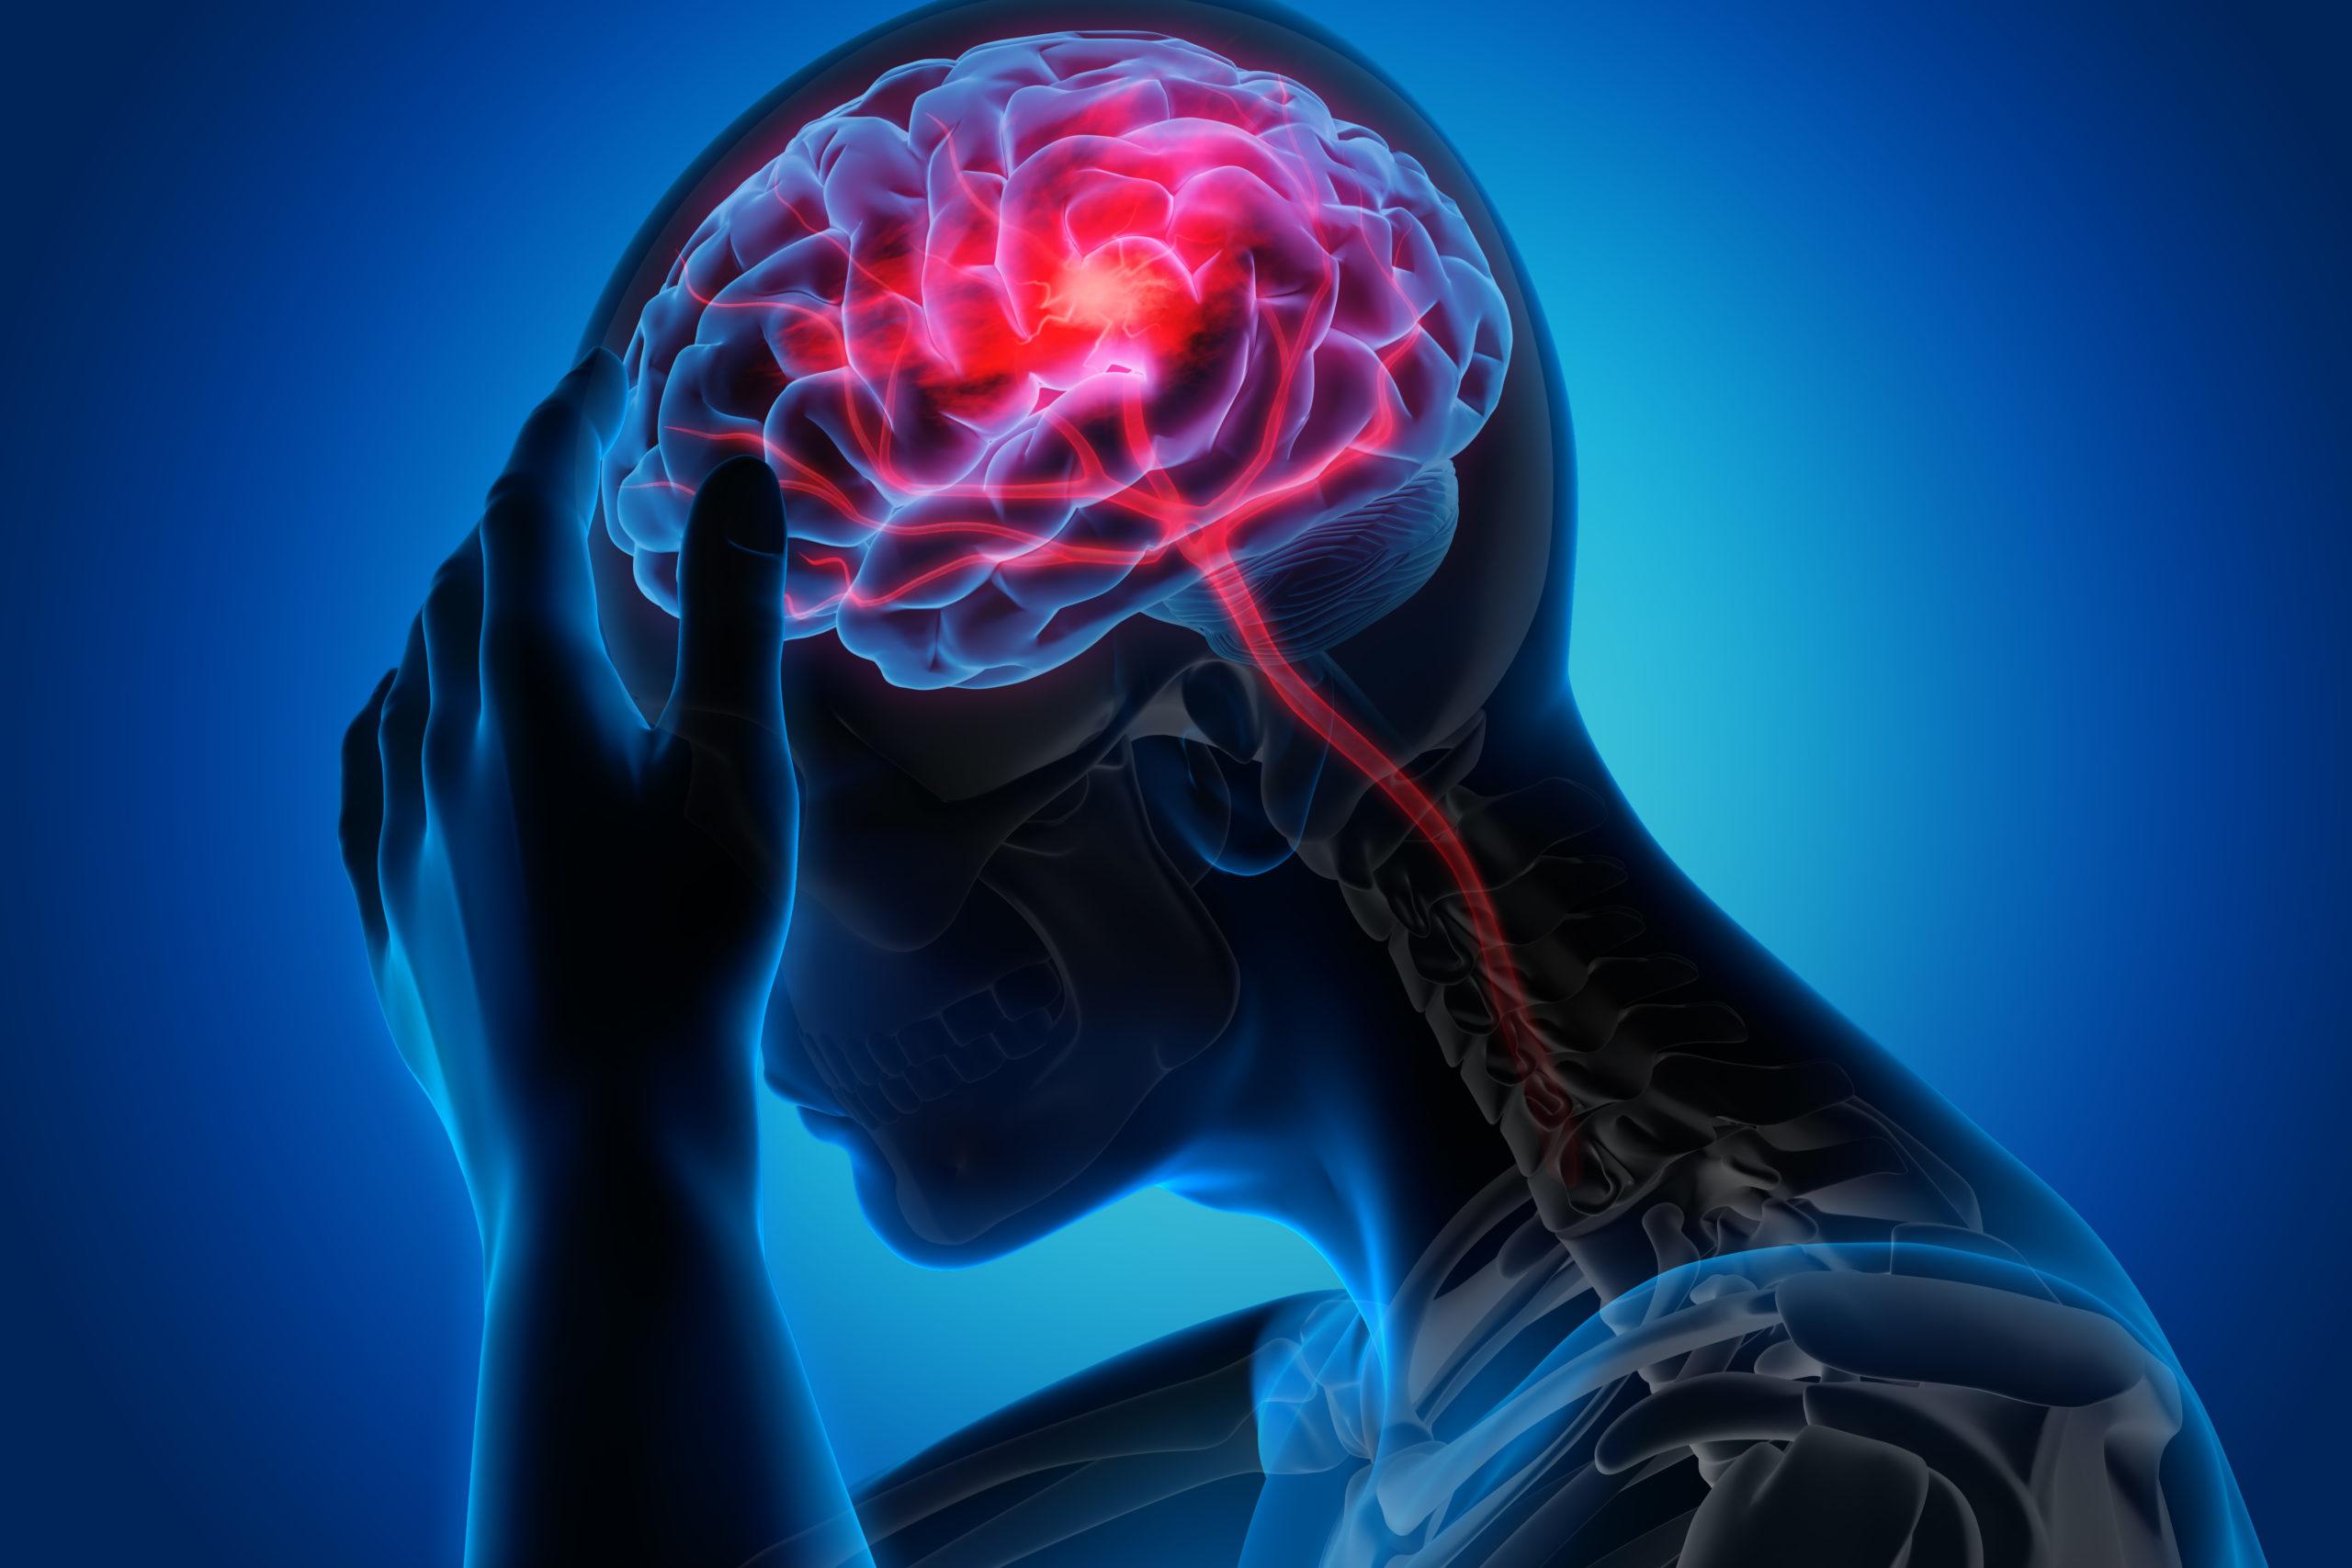 timpul de vedere către creier